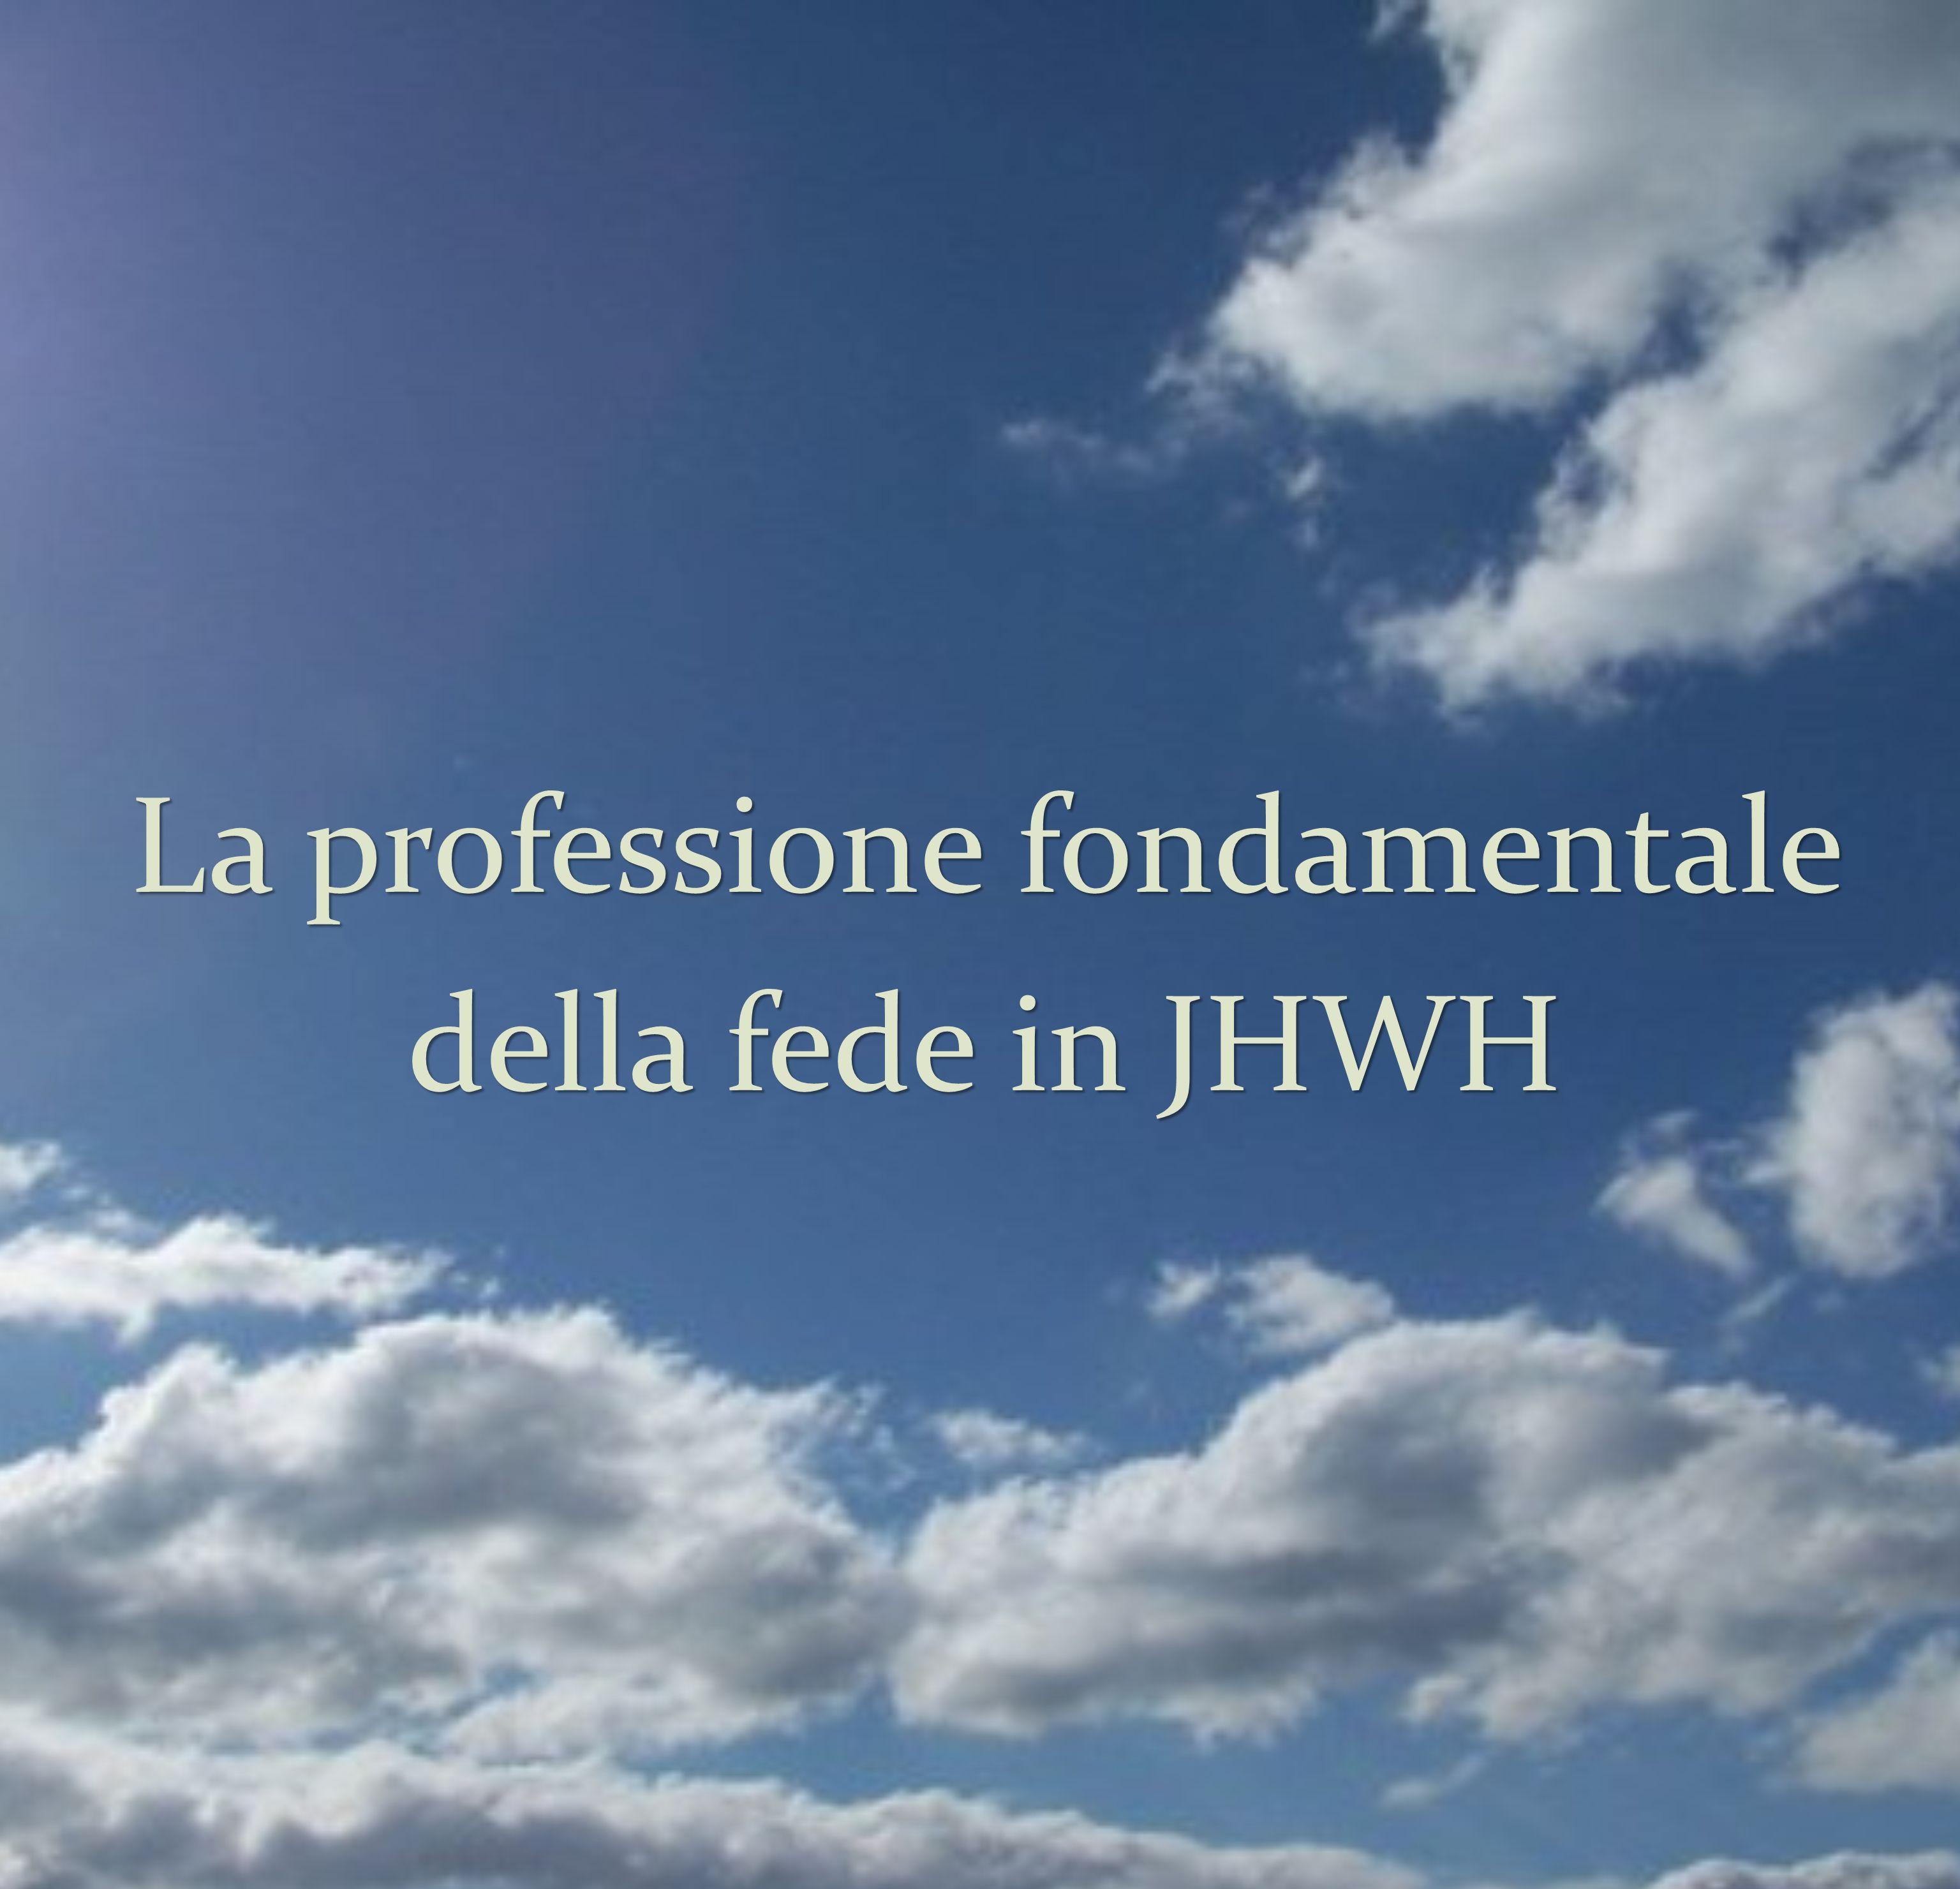 La professione fondamentale della fede in JHWH